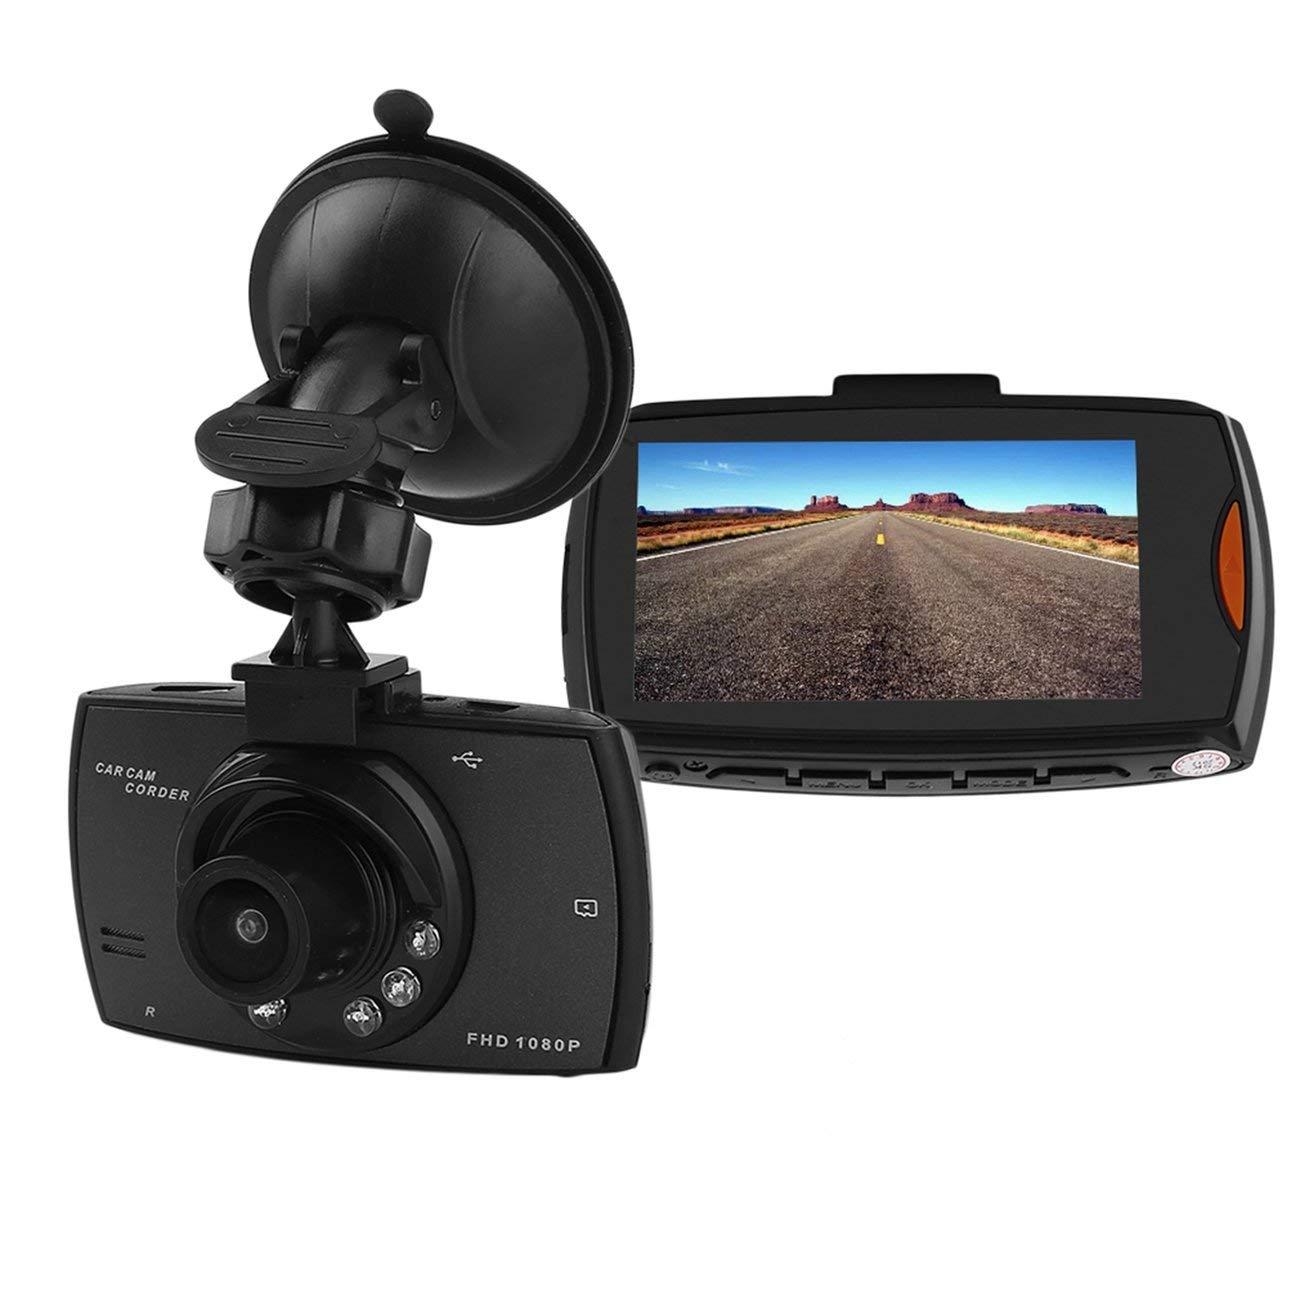 Peanutato 1080P 2.7TFT LCD Telecamera per Auto Full HD Dash Cam Crash DVR Videoregistratore Digitale Videocamera per Visione Notturna Attrezzatura per Auto